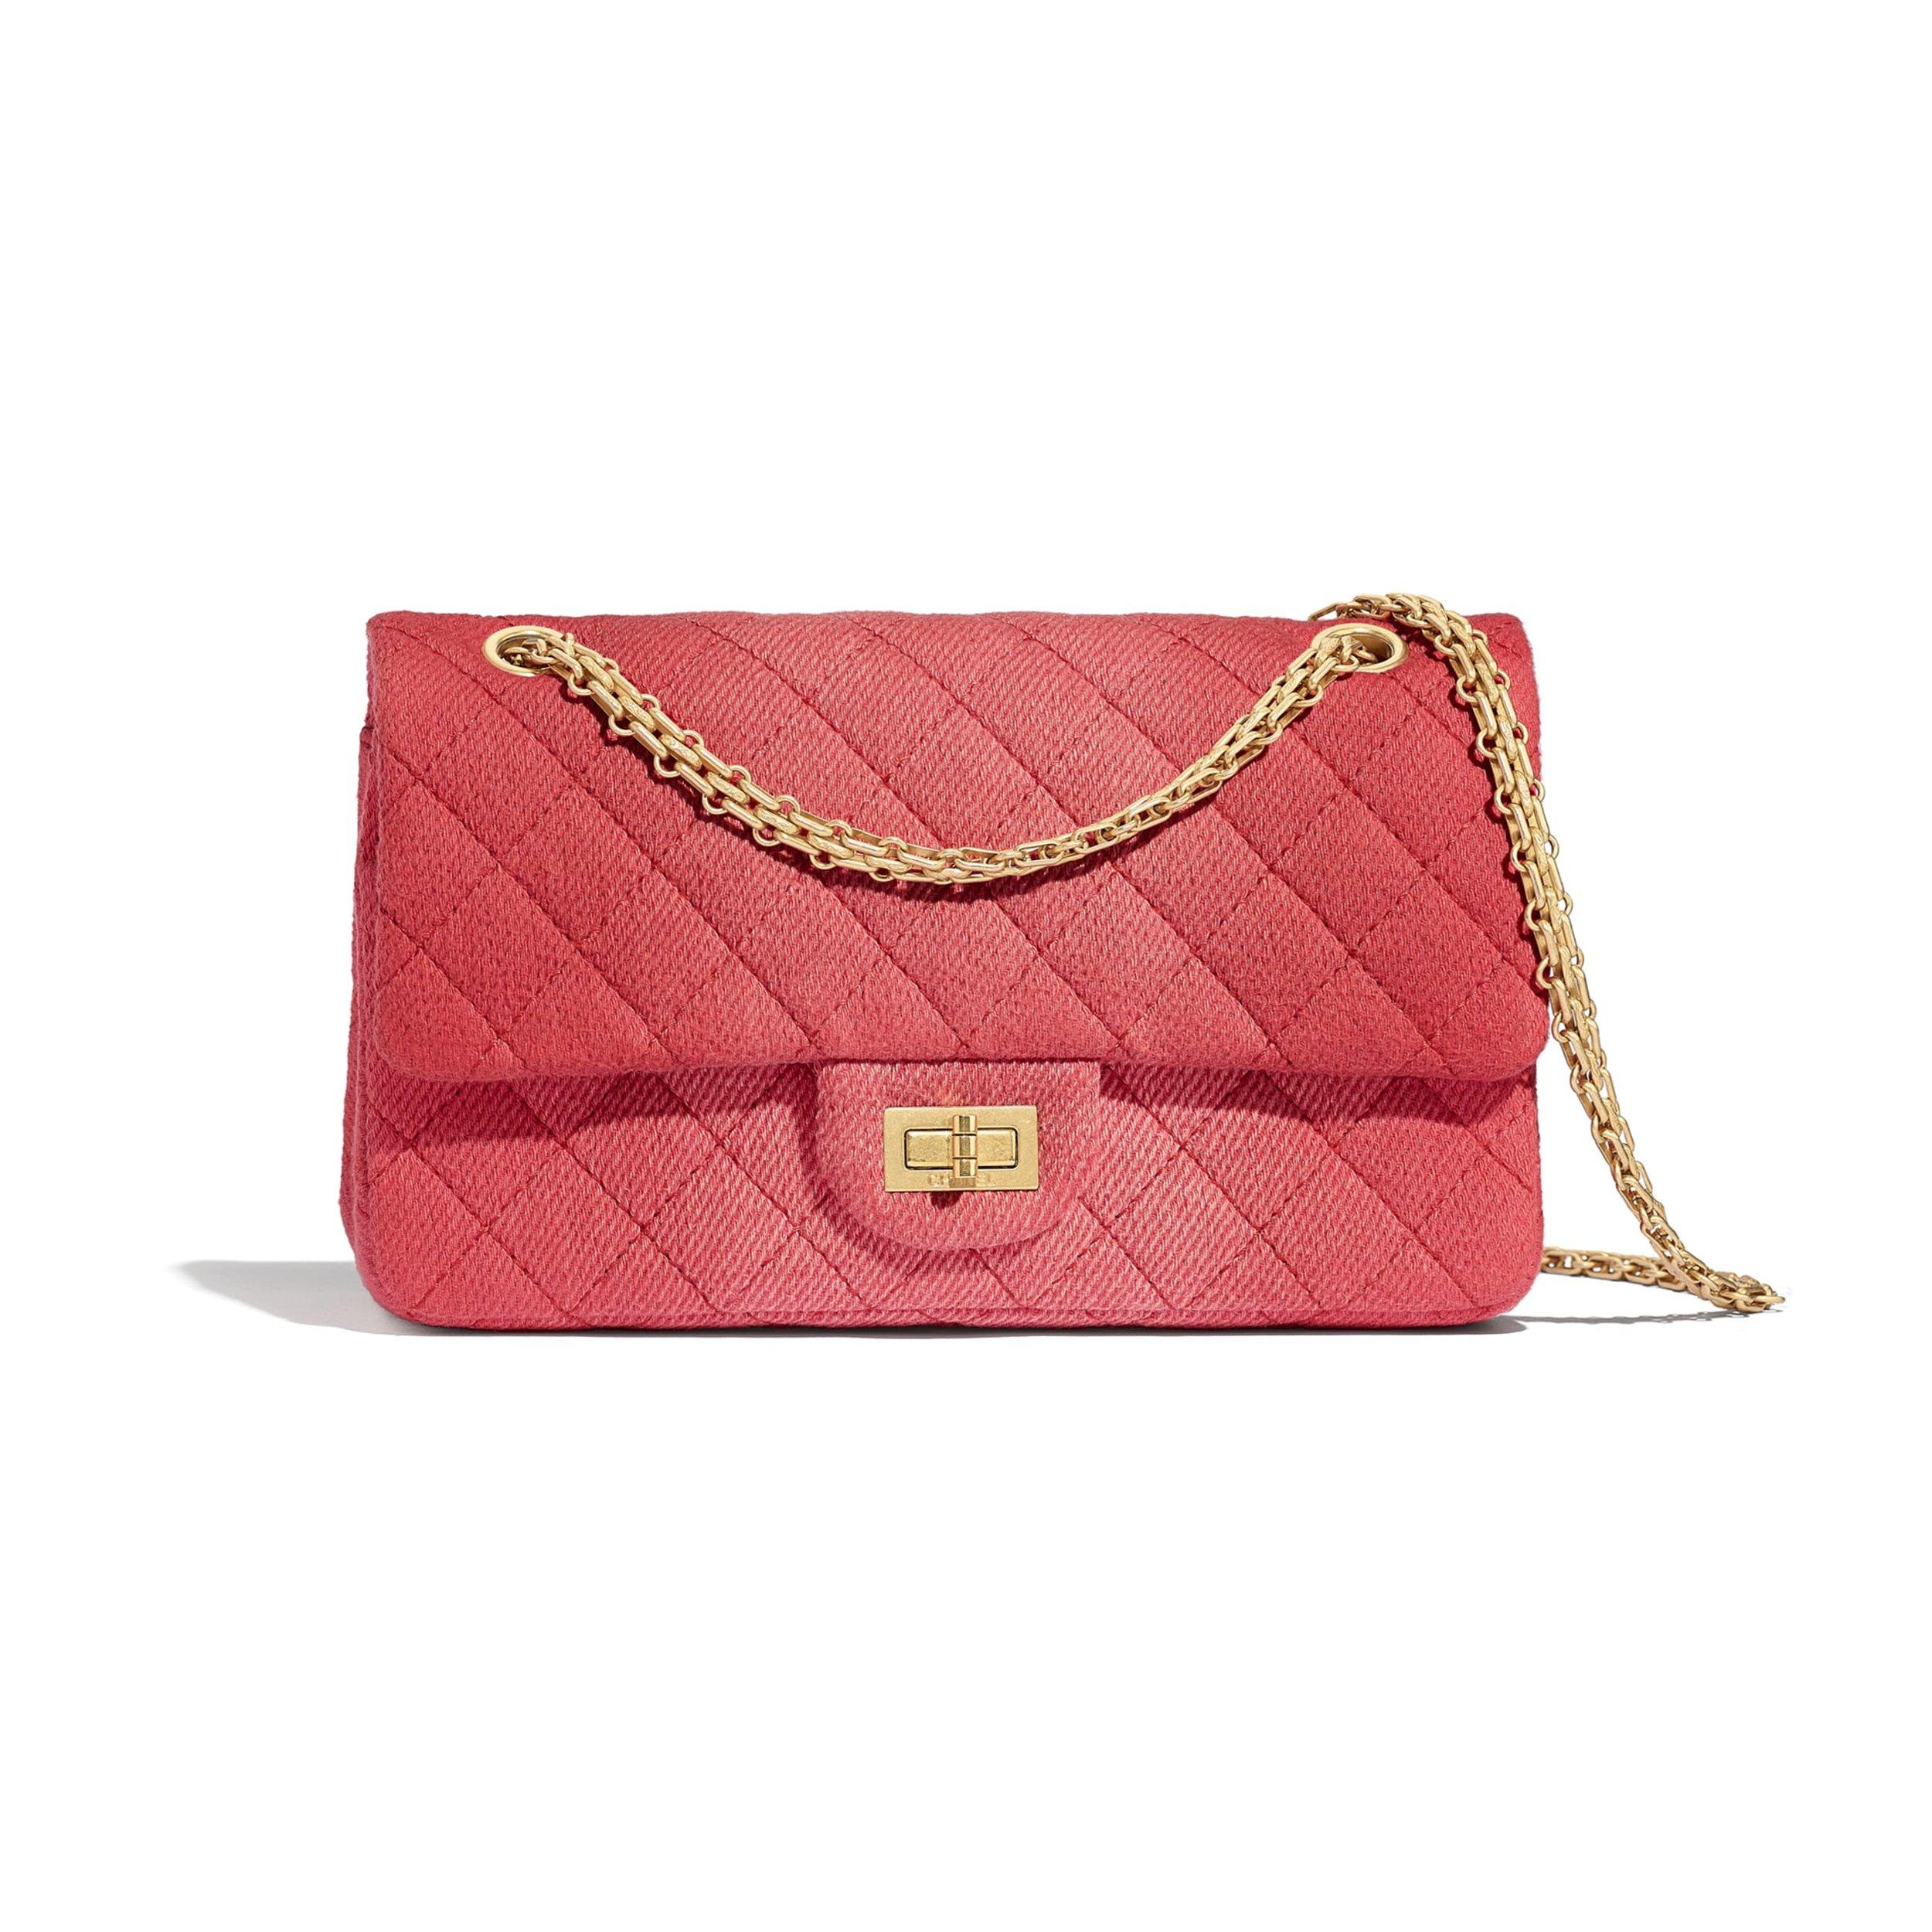 2-55-handbag-coral-denim-gold-tone-metal-denim-gold-tone-metal-packshot-default-a37586b00225n0840-8814004764702.jpg